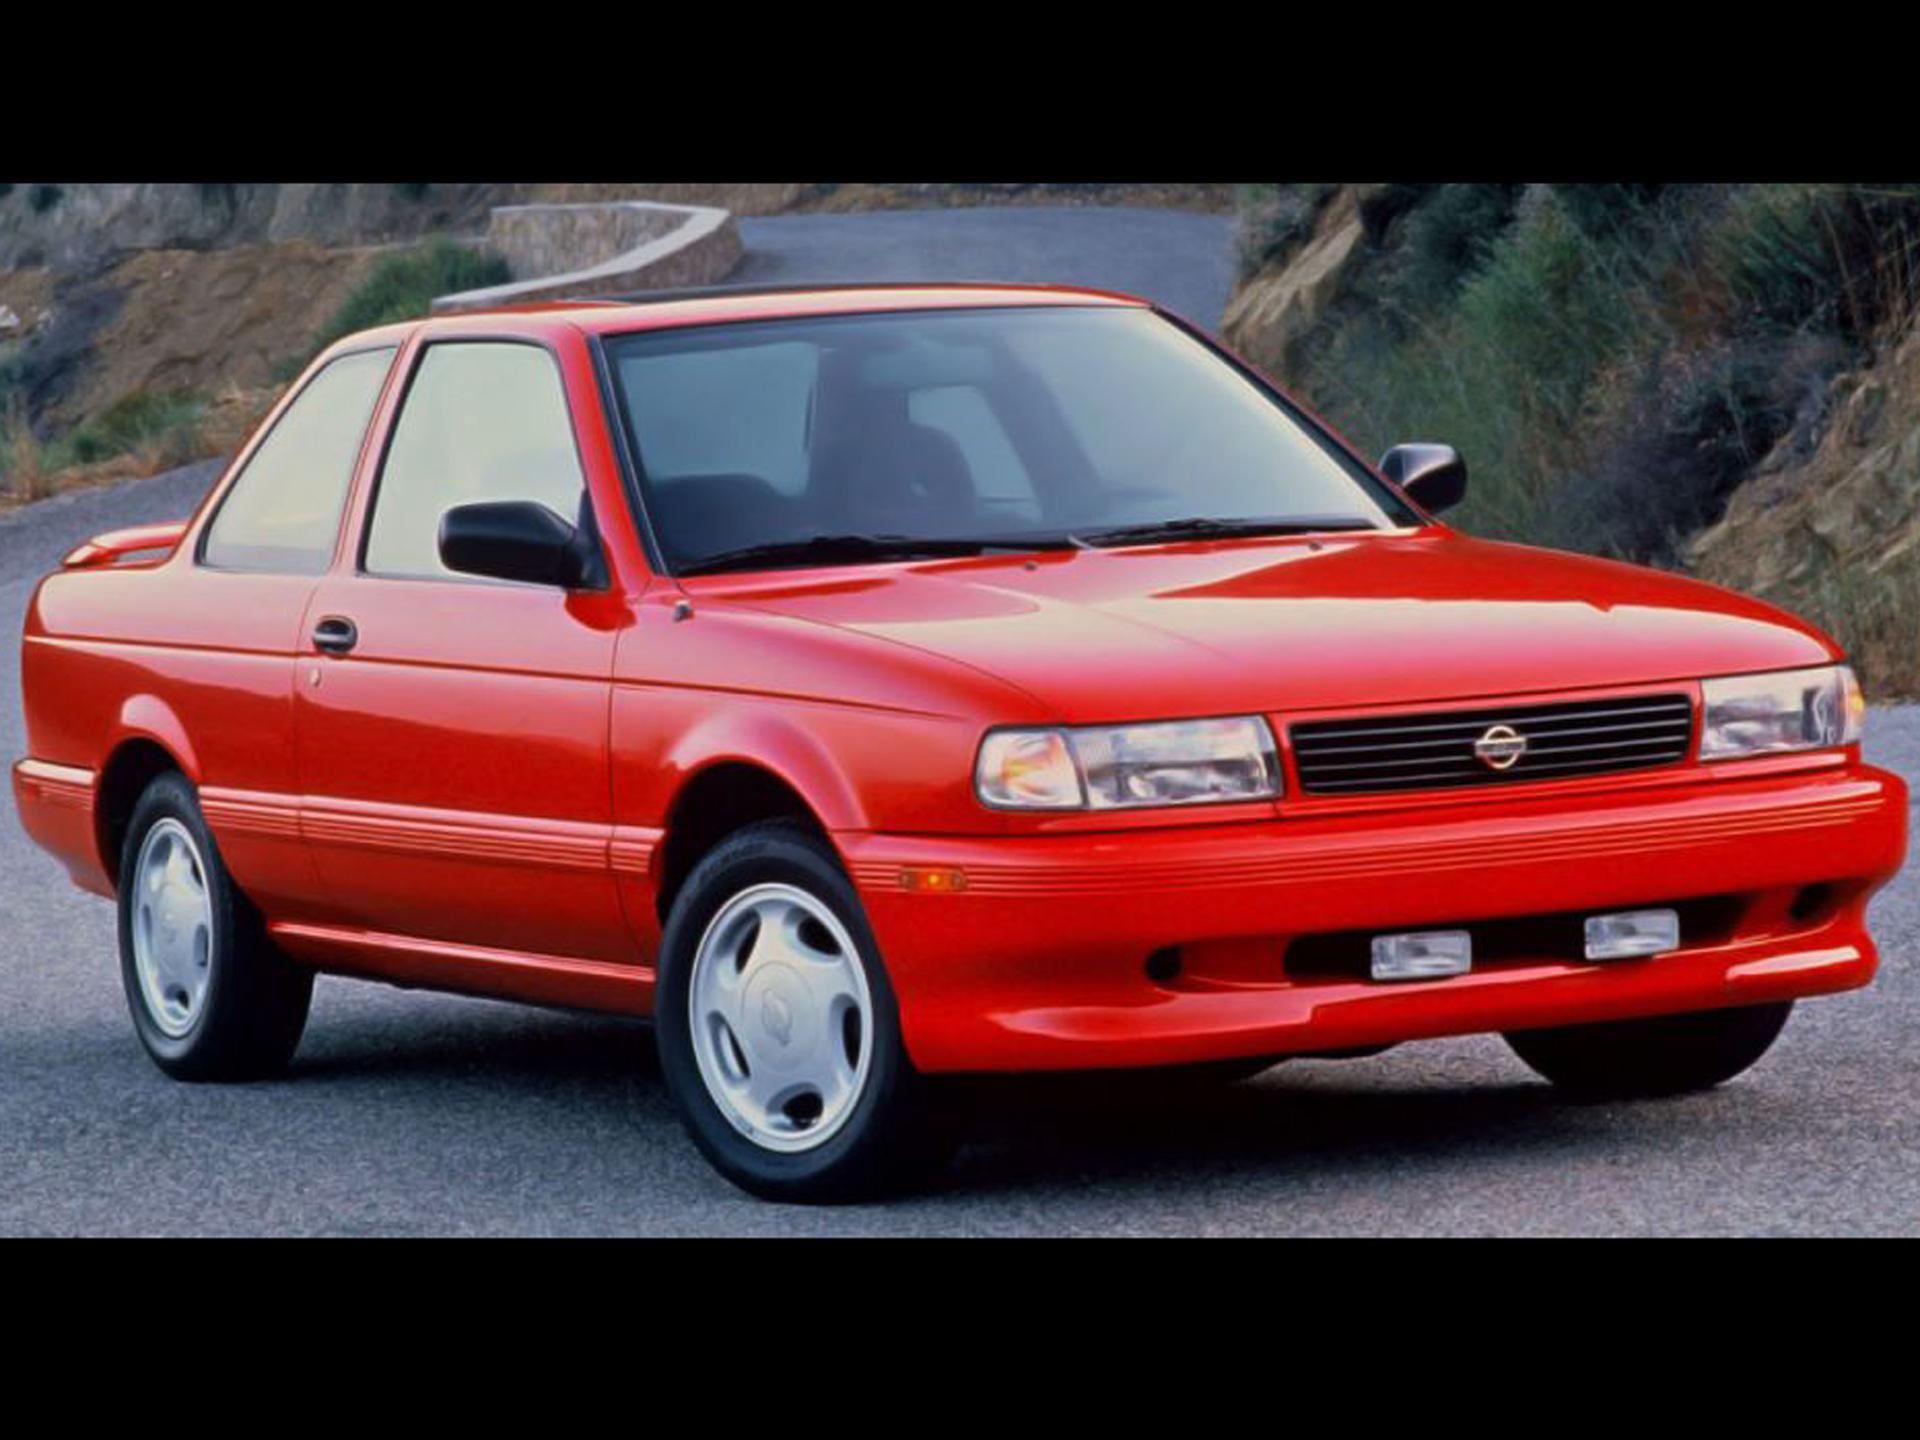 Tsuru GSR 2000. Tal vez piensas que estamos bromeando, pero no. El Sentra GSR-2000 ó Tsuru, cual lo conocíamos nosotros, marcó la pauta para muchos deportivos de 3 volúmenes. Sentó las bases de una fórmula exitosa. Con un motor suficiente, no era tan potente, sin embargo, el manejo, contestación y sensación de manejo eran extraordinarios en parte por su peso. Se llegó a cotejar con BMW, no es broma. Foto: Especial